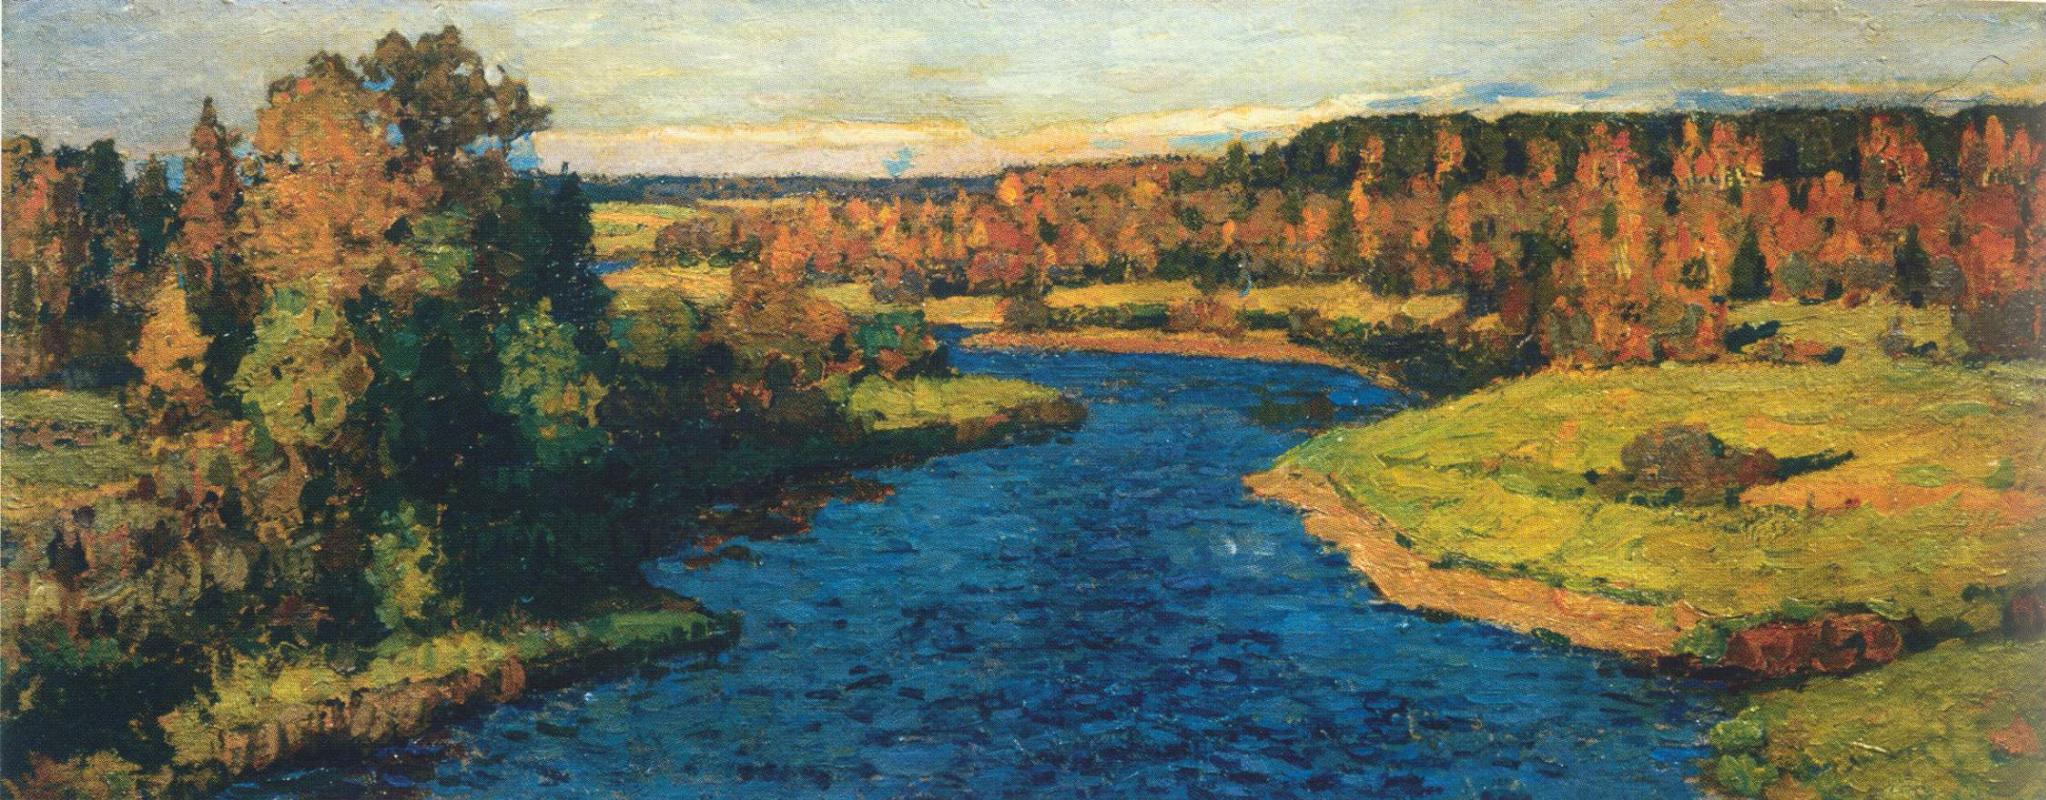 Петр Иванович Петровичев. Река осенью